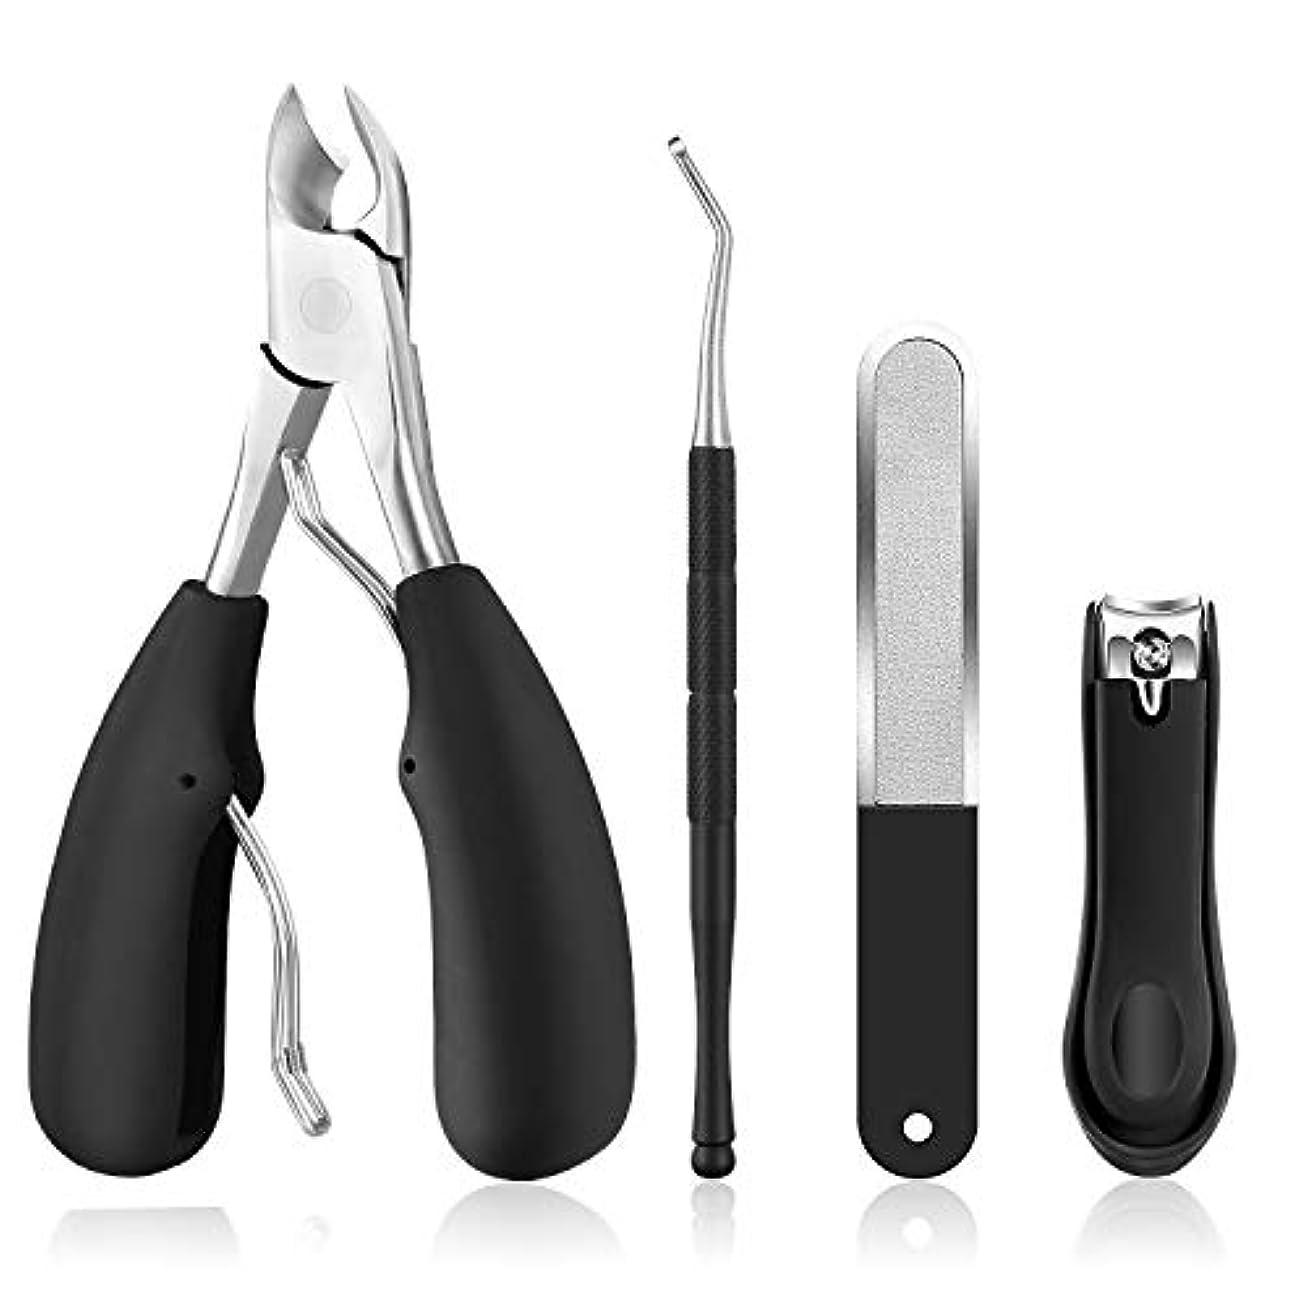 上院議員例外スキー4本セット 爪切り ニッパー ニッパー型爪切り ダブルバネデザイン